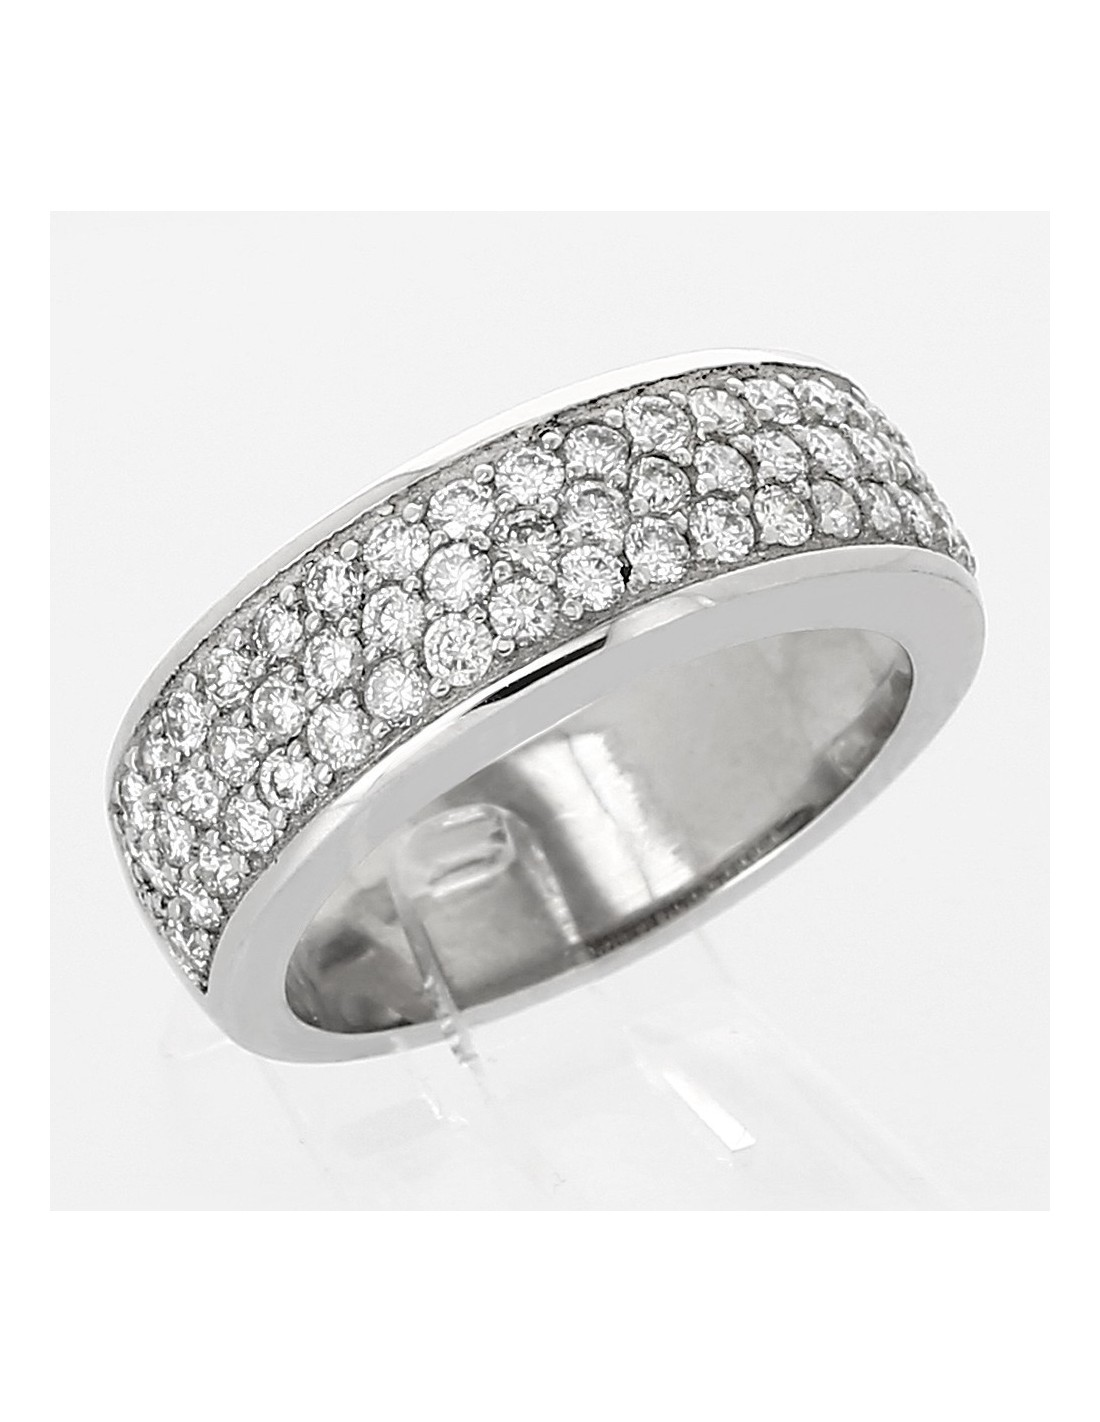 bague pav e de diamants pavage 3 rangs diamants 1 08 carat or 18 ct. Black Bedroom Furniture Sets. Home Design Ideas